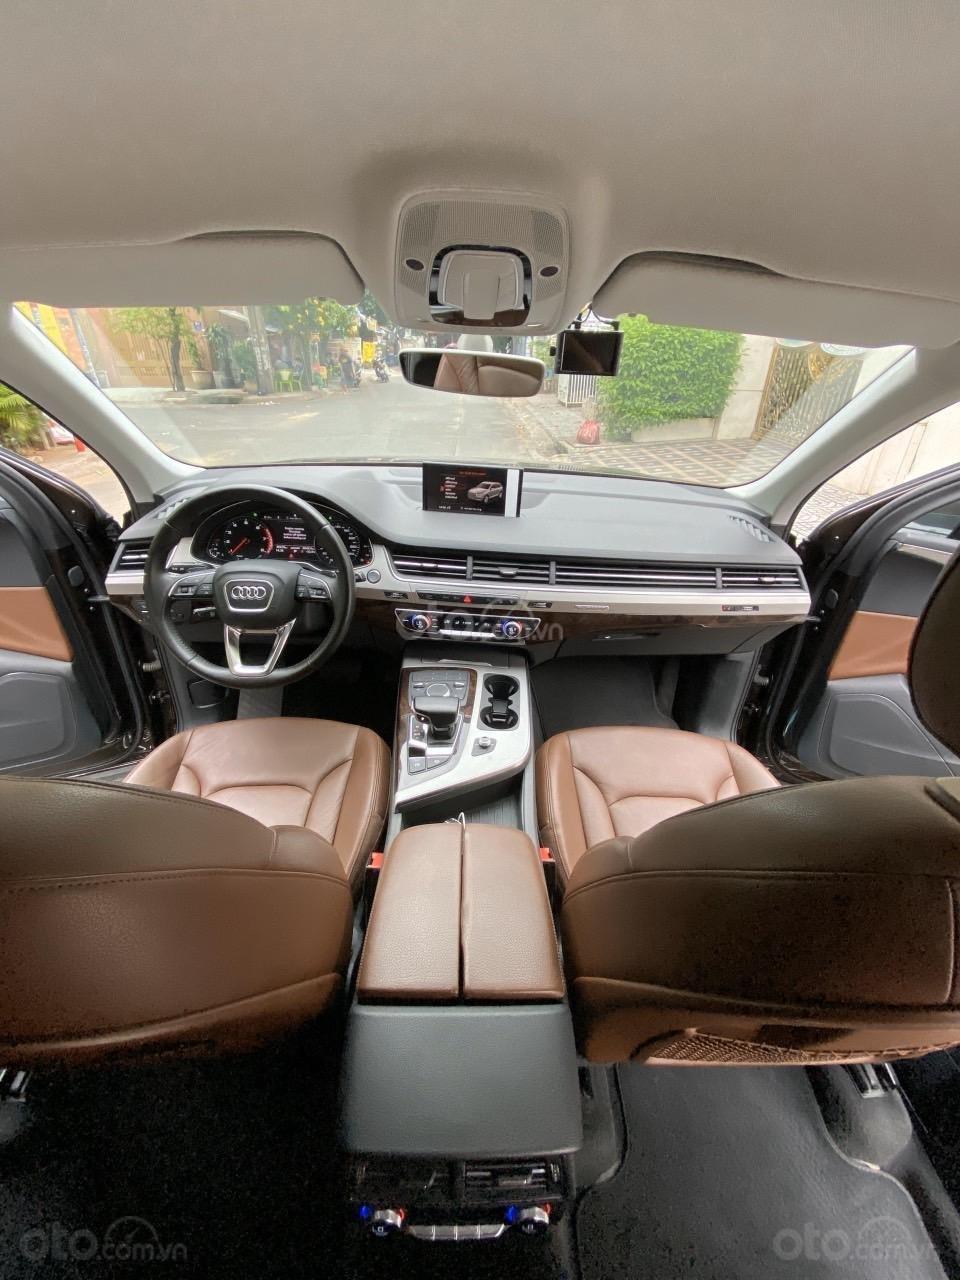 Cần bán chiếc xe Audi Q7 3.0, đời 2017, màu nâu (5)